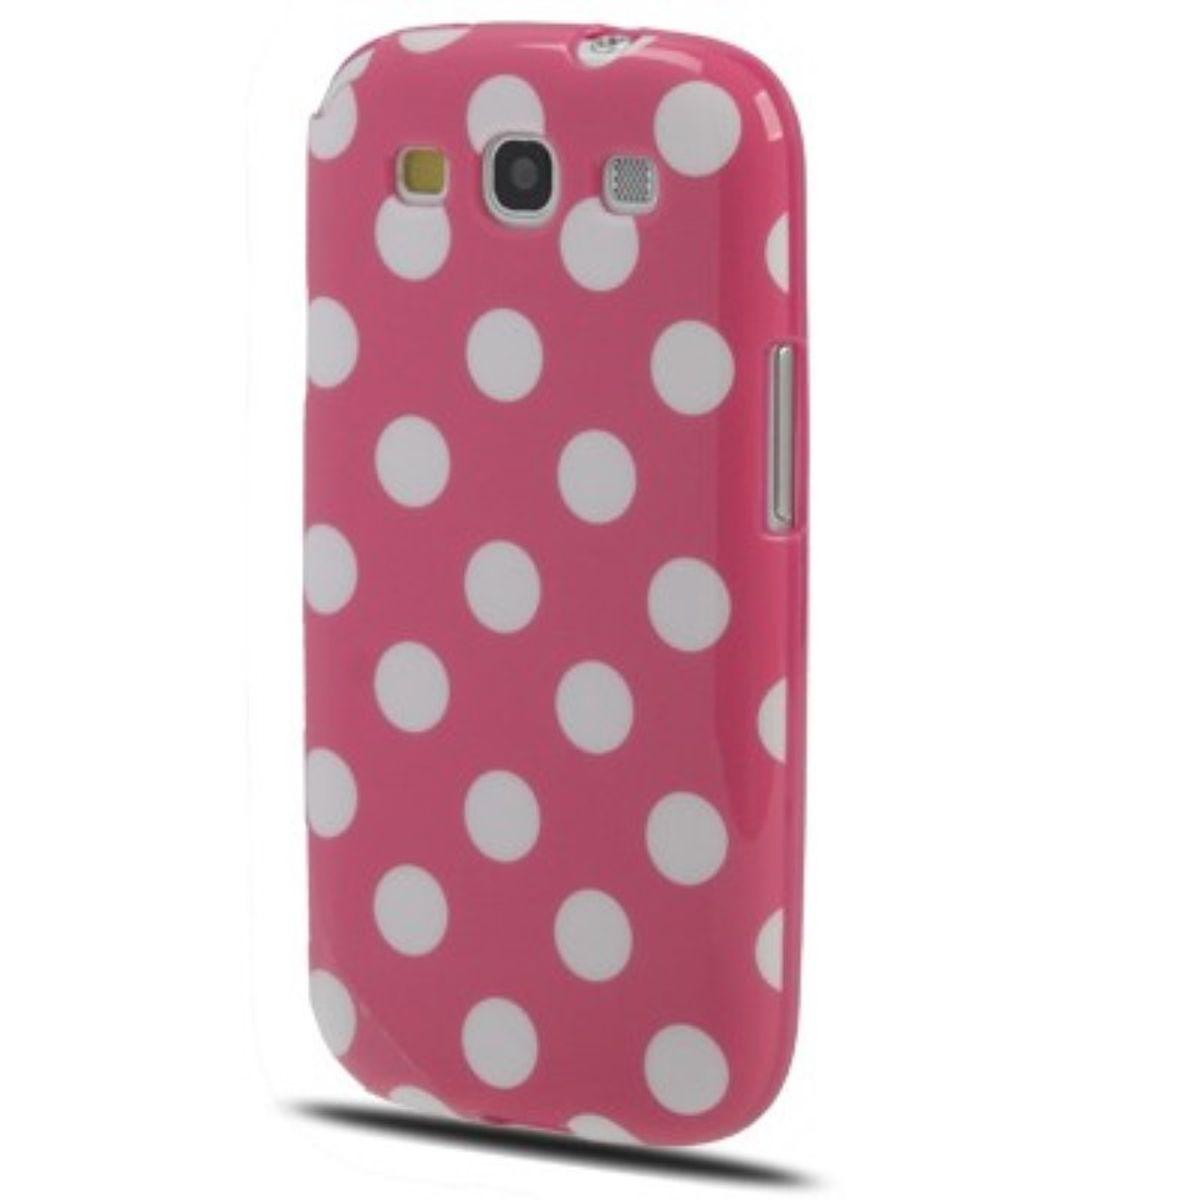 Schutzhülle TPU Case für Handy Samsung I9300 Galaxy S3 Rosa / Weiss